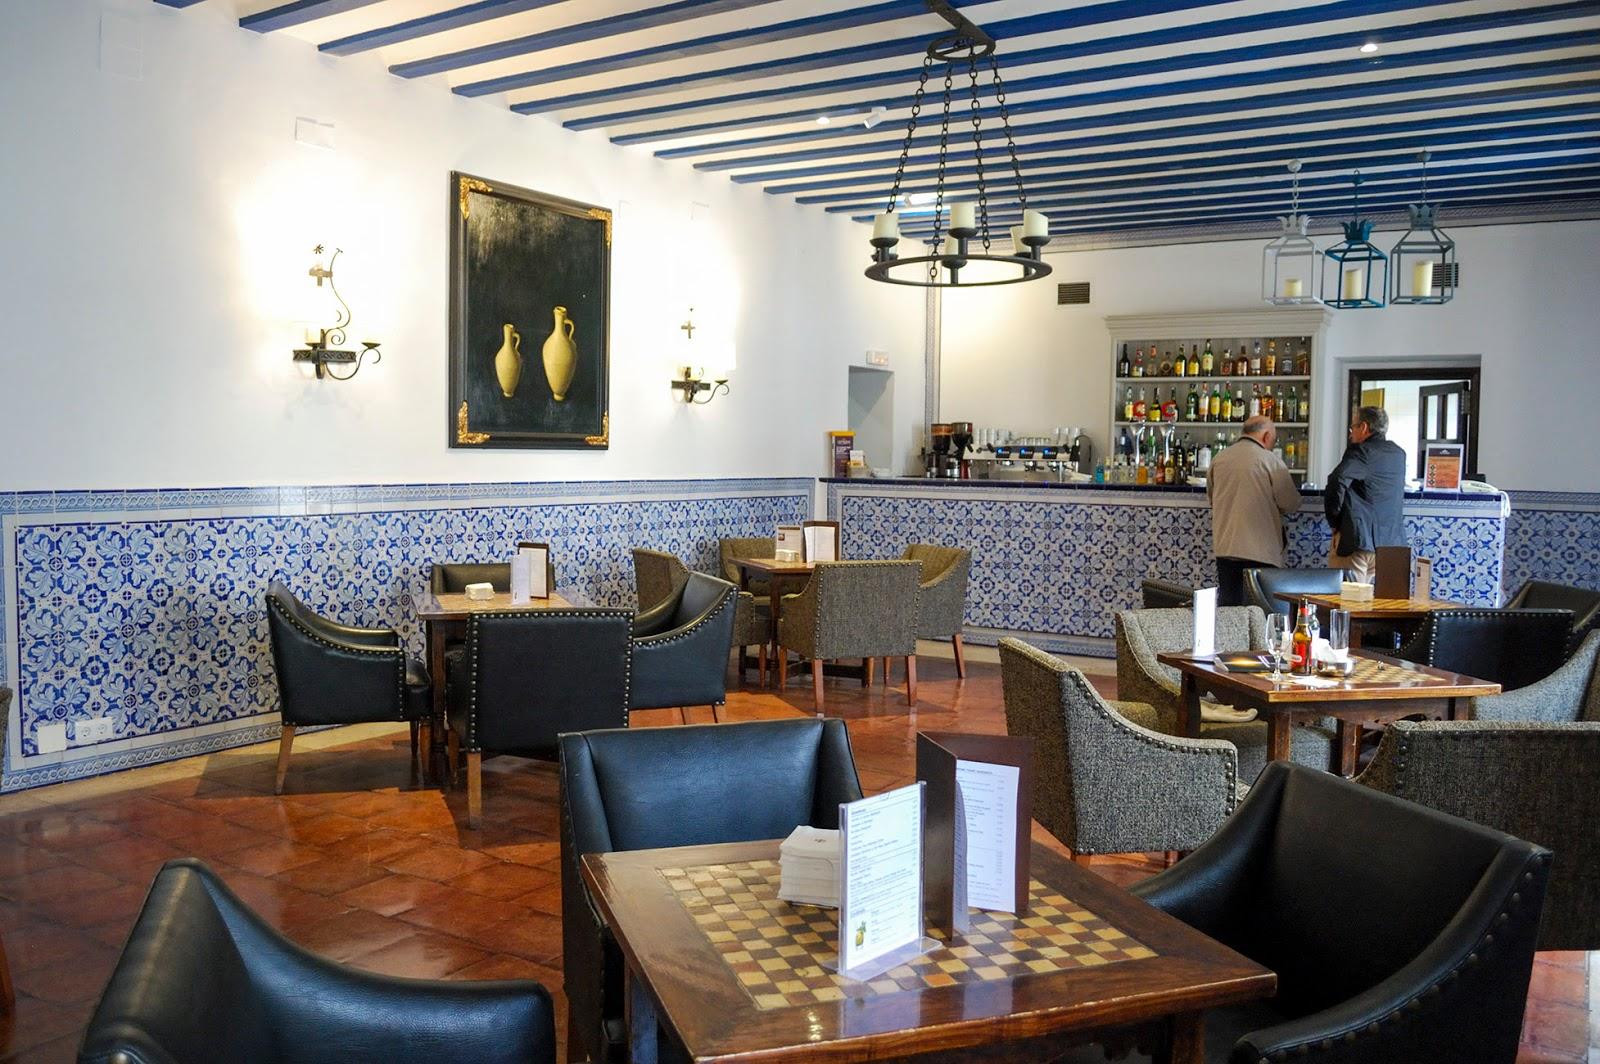 parador chinchon cafeteria pueblos bonitos spain